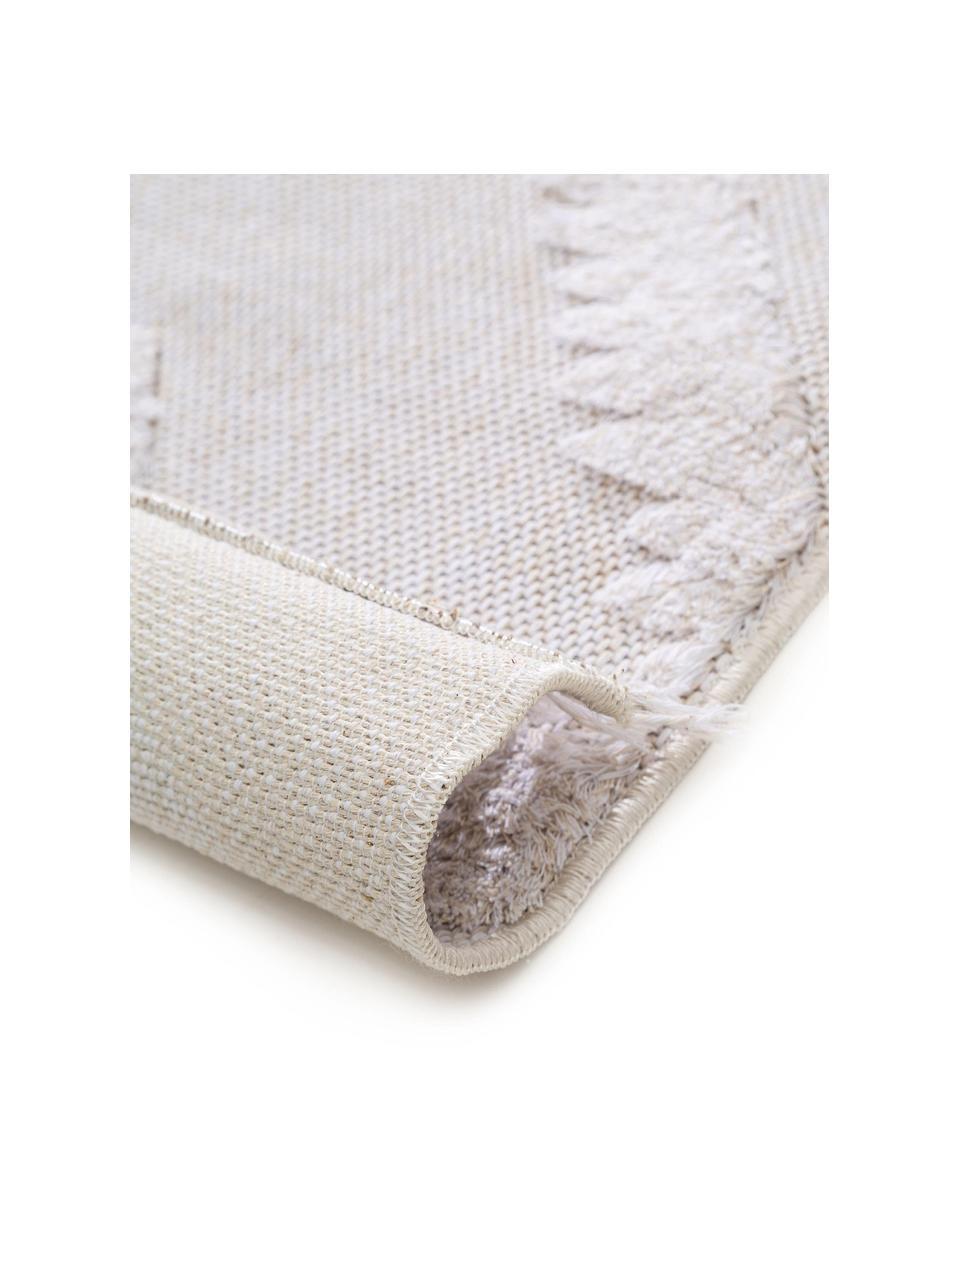 Dywan z bawełny w stylu boho Oslo, 100% bawełna, Kremowobiały, beżowy, S 190 x D 280 cm (Rozmiar M)